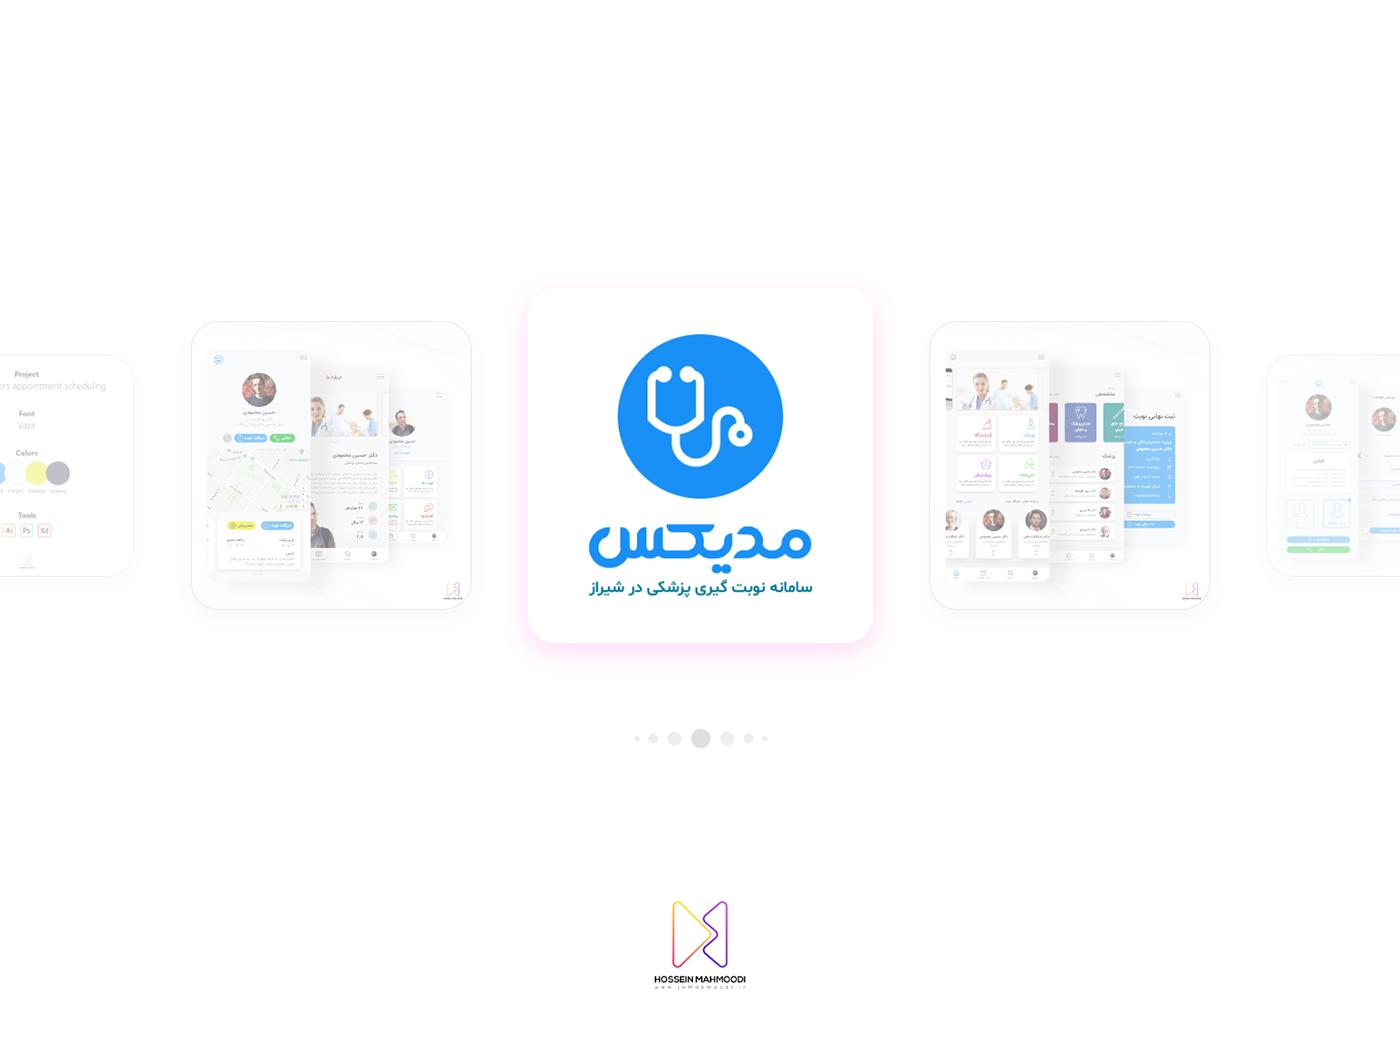 نمونهکار: رابط کاربری اپلیکیشن پزشکی مِدیکس